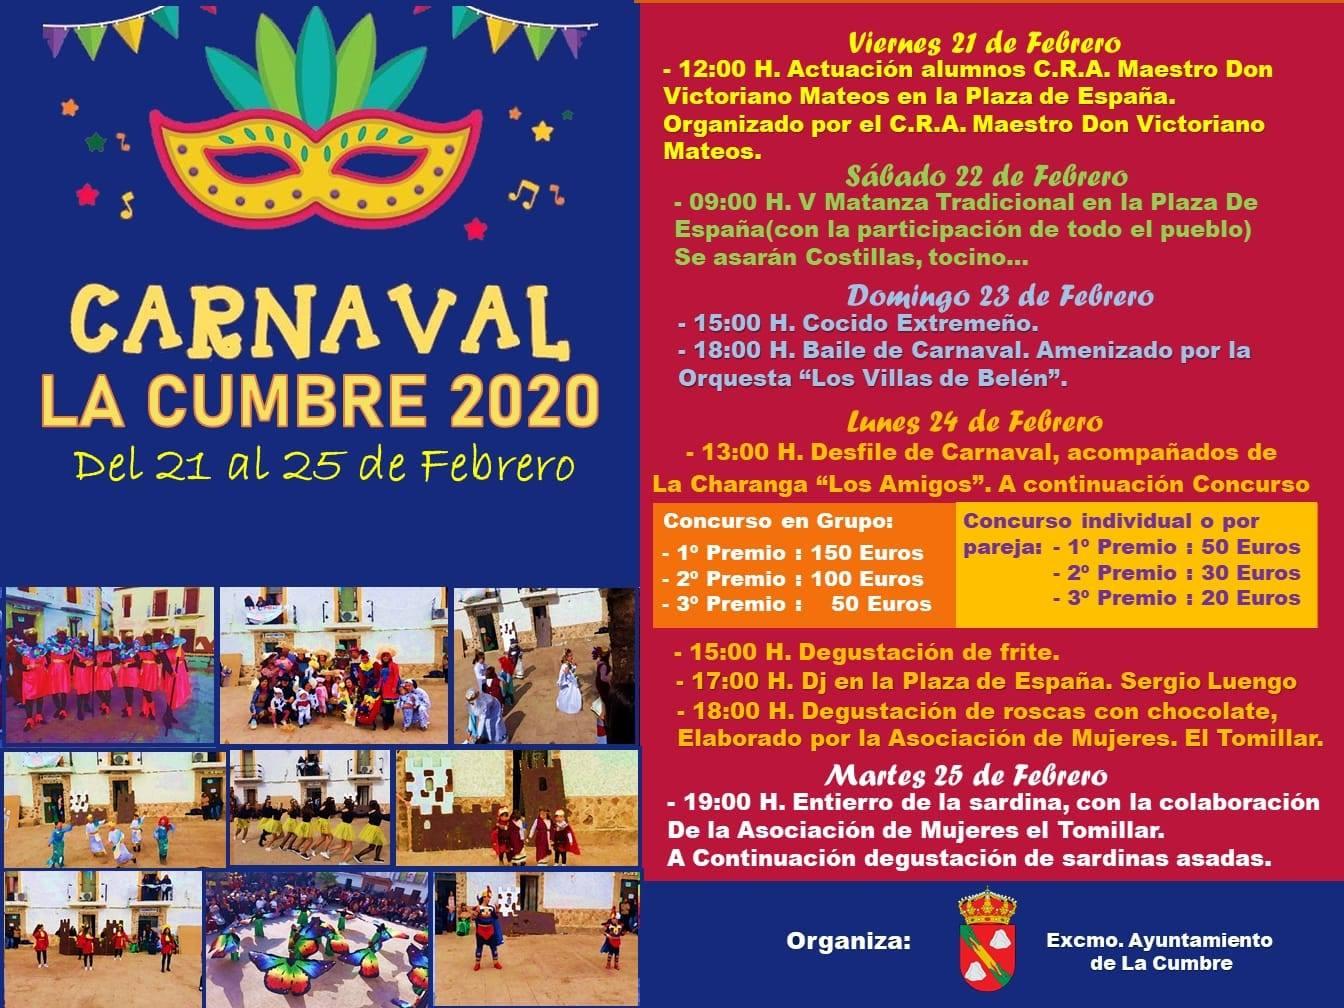 Carnaval 2020 - La Cumbre (Cáceres)